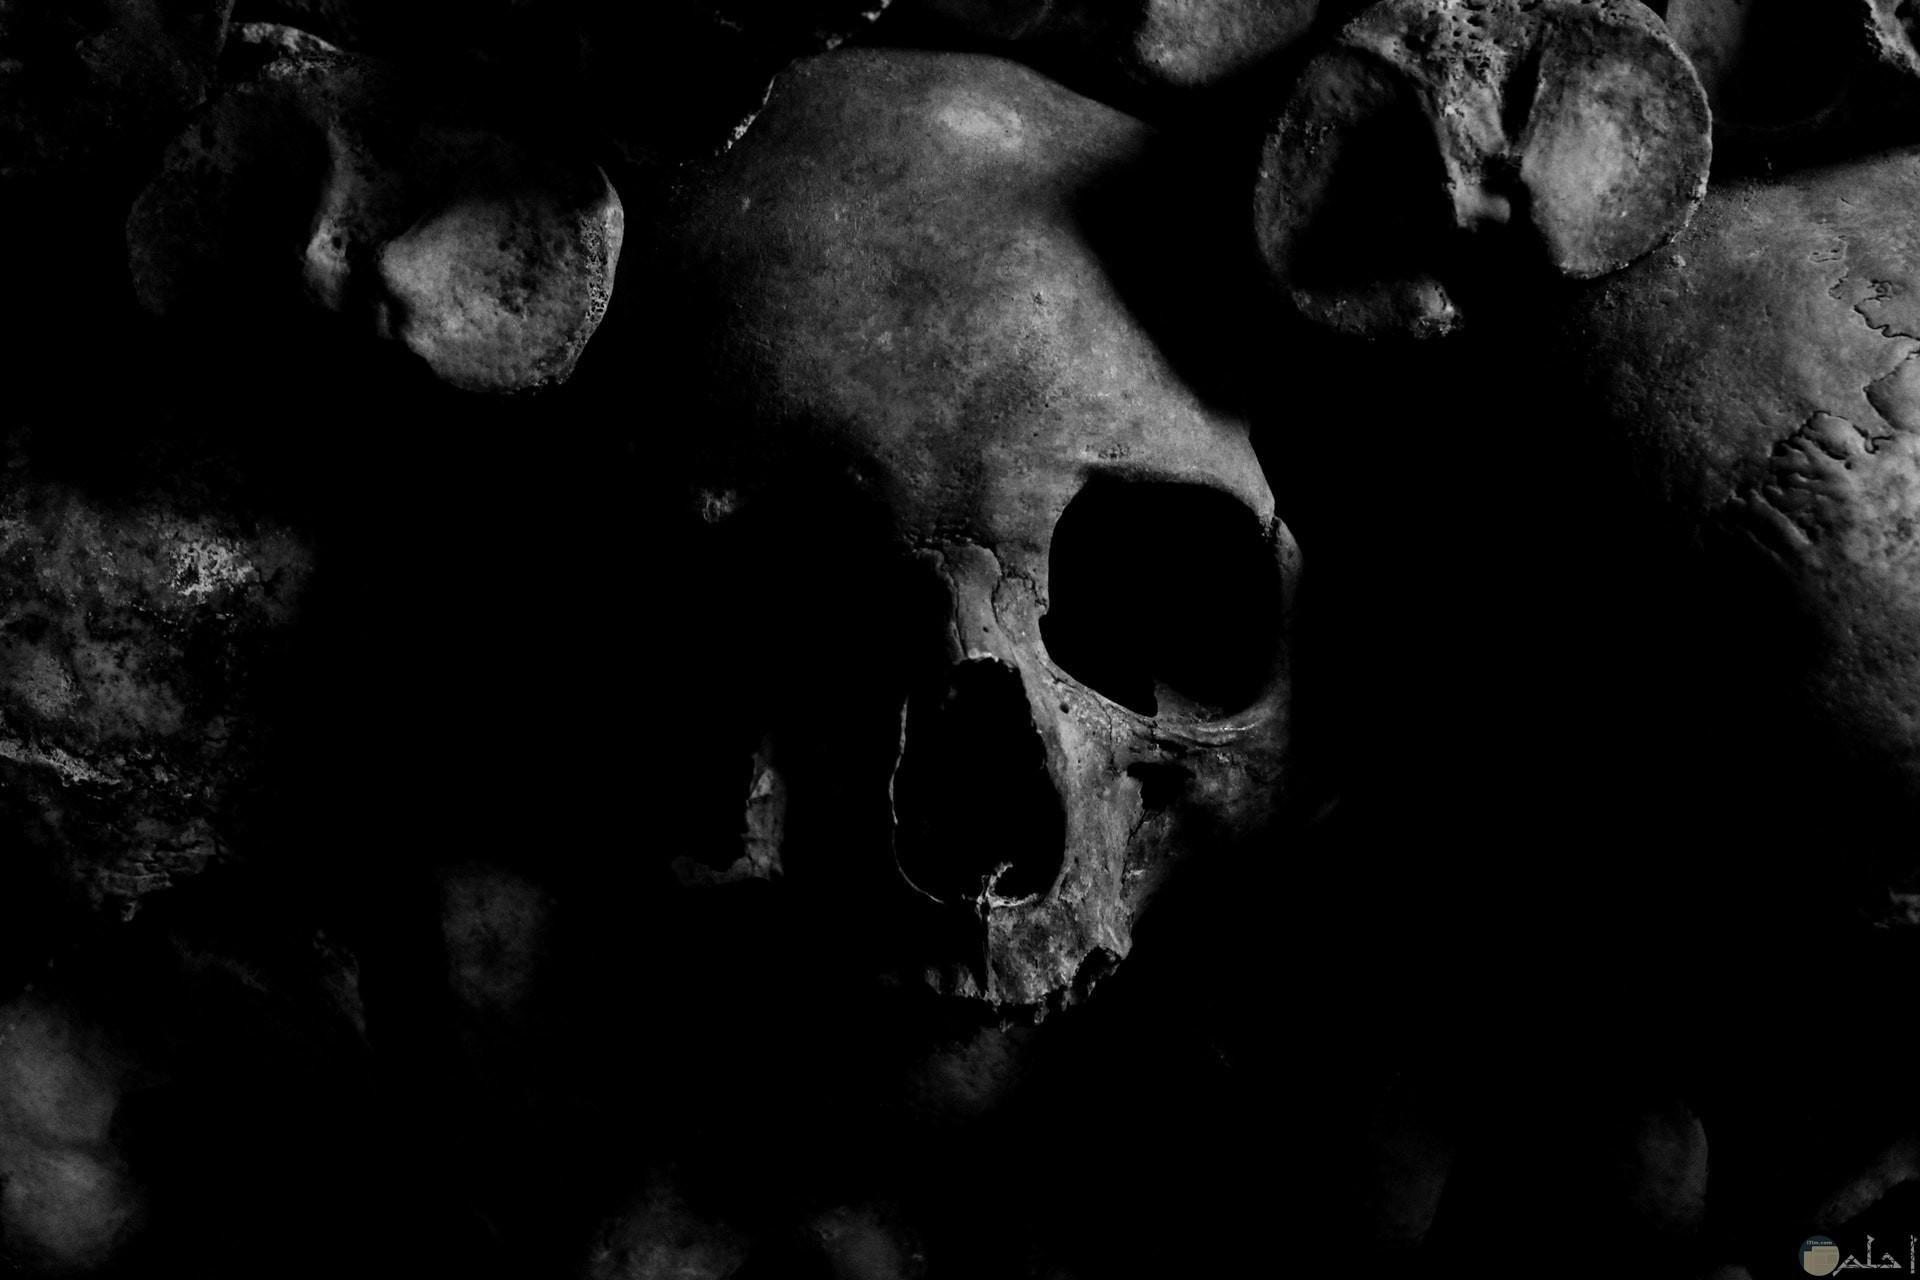 صورة أكشن رعب فيها جمجمة إنسان مخيفة جدا